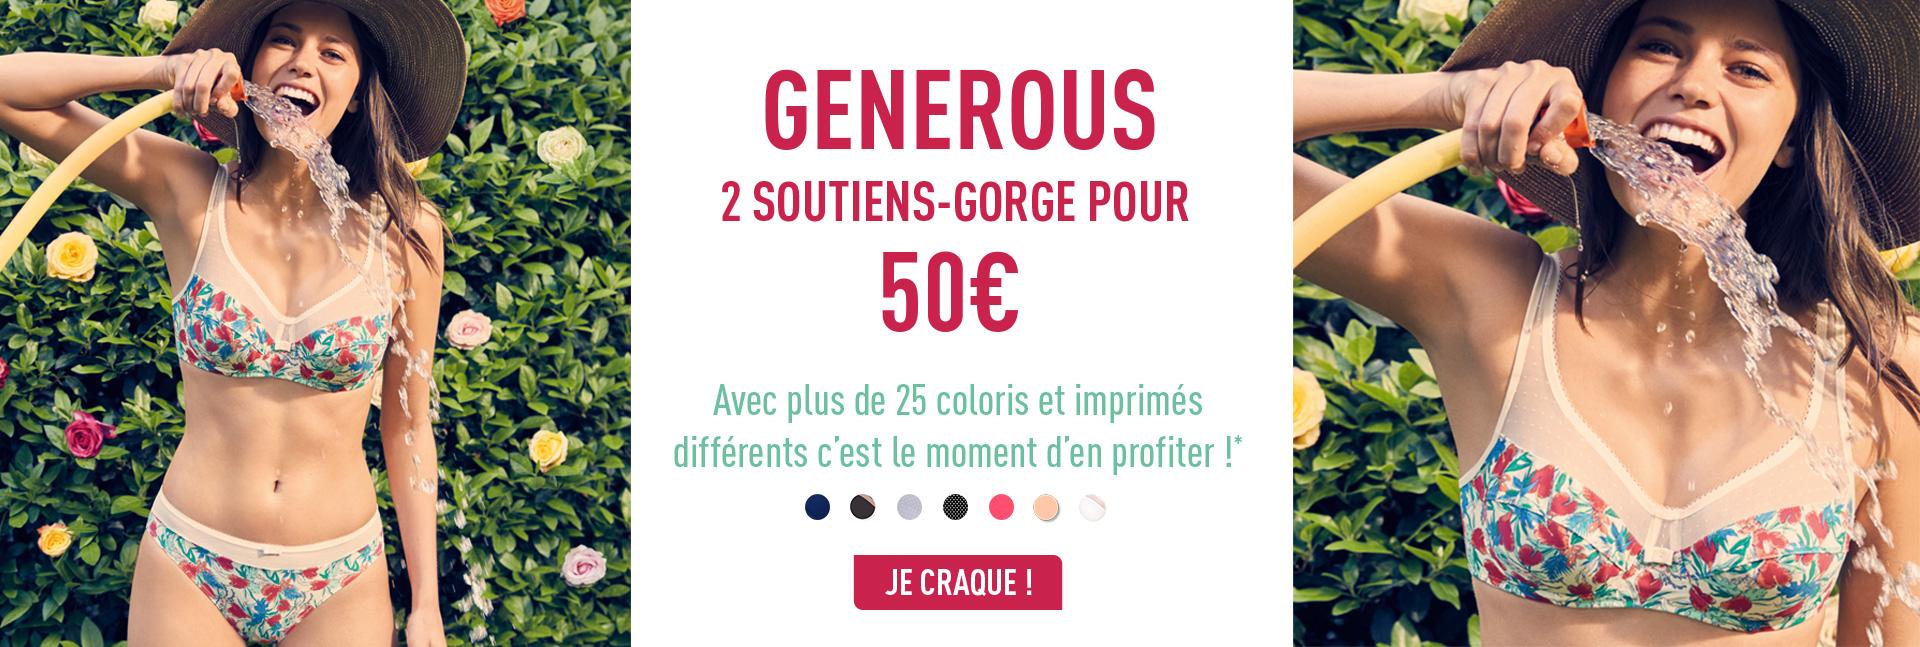 Generous - 2 soutiens-gorge pour 50€